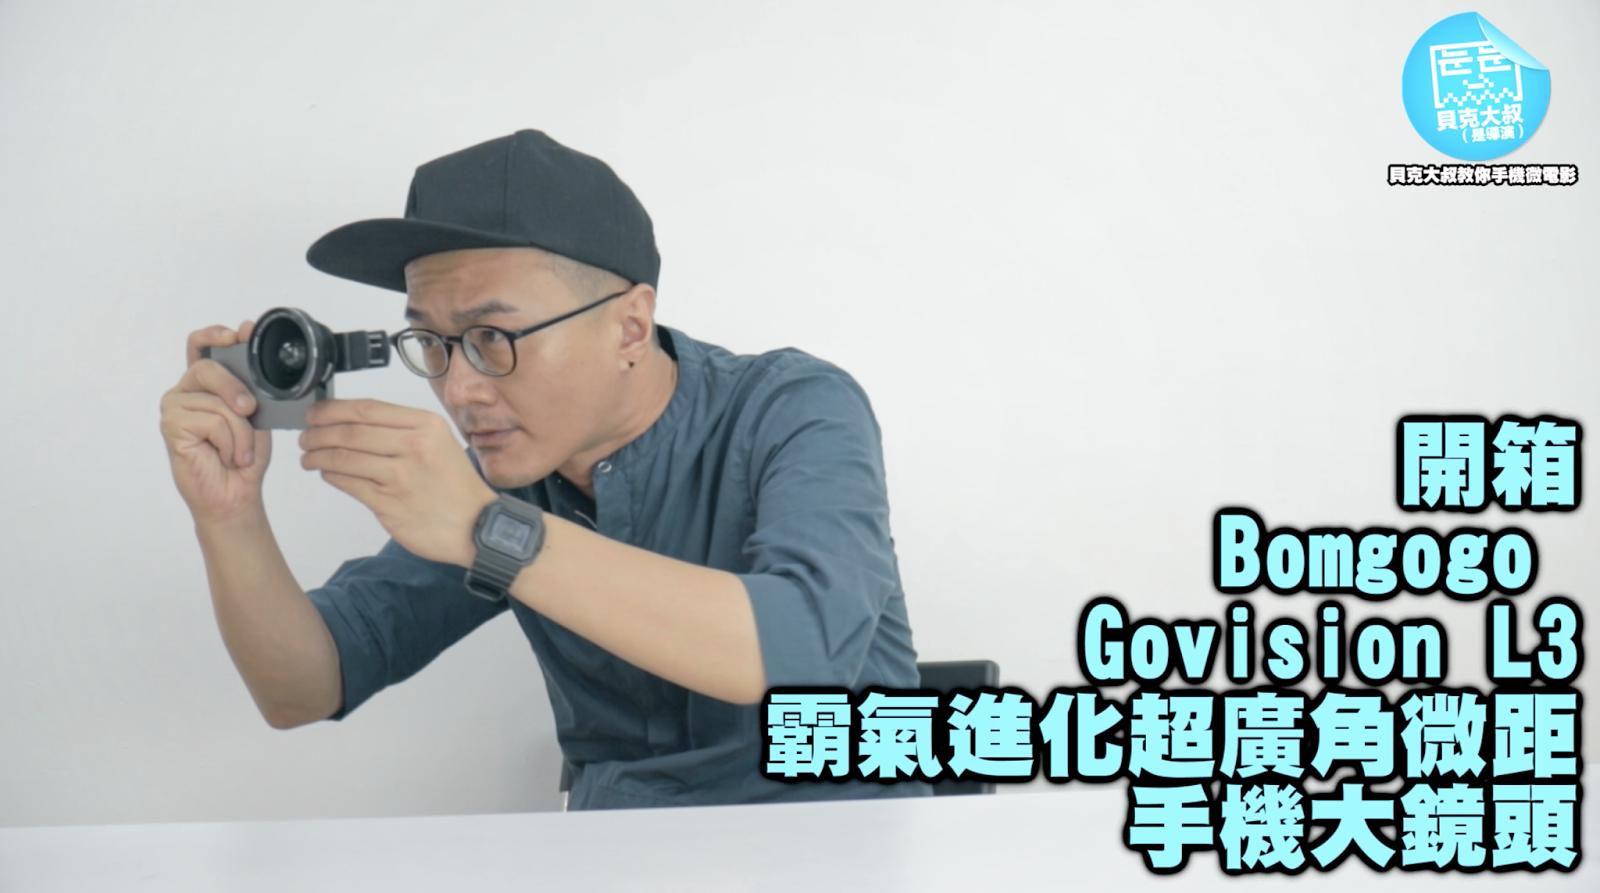 開箱Bomgogo Govision L3 霸氣進化超廣角微距手機大鏡頭+實拍照